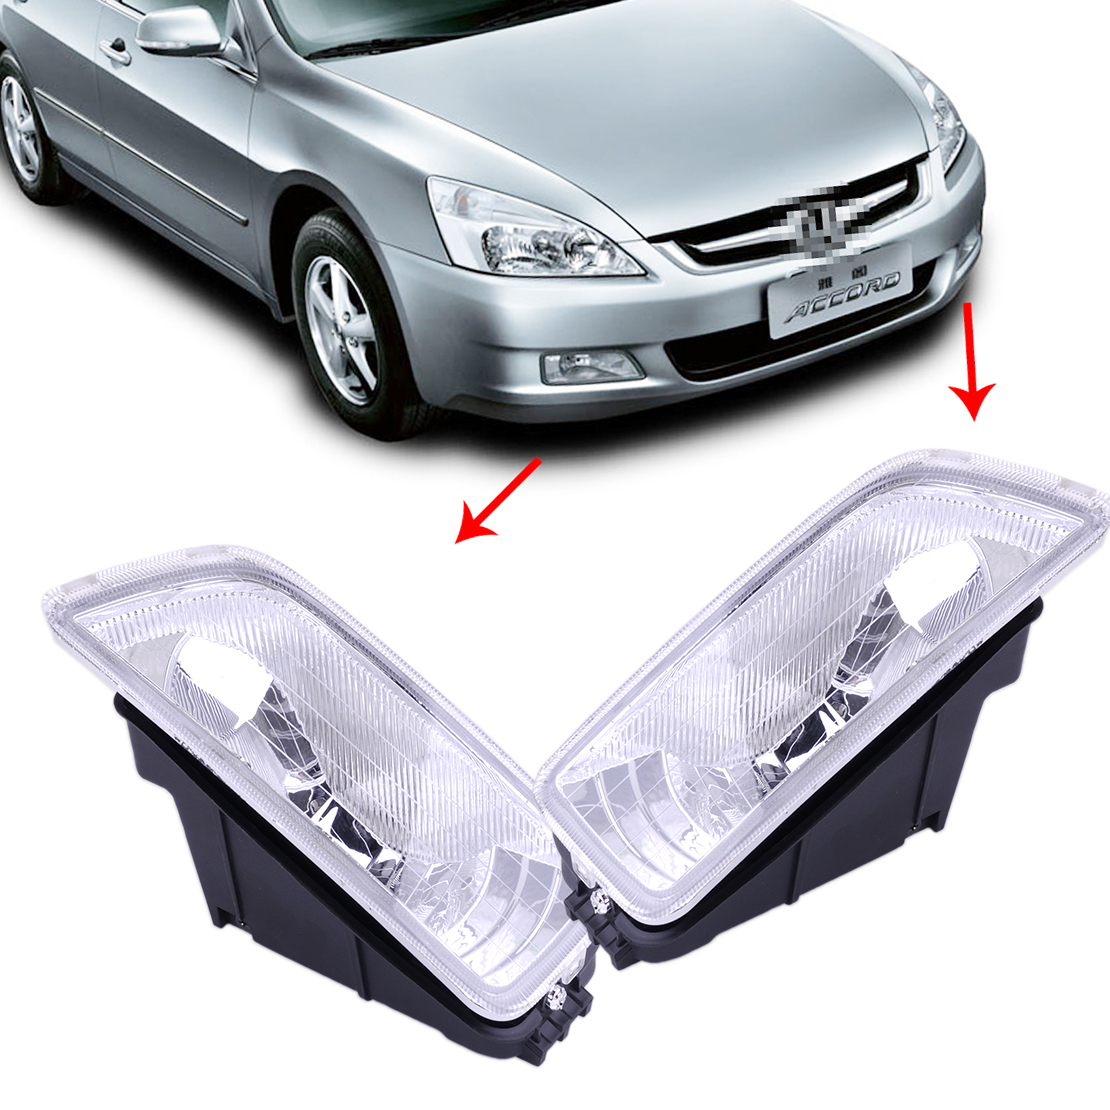 beler 1Pair 33951-SDA-H01 33901-SDA-H01 Front Left &amp; Right Fog Light Lamp Cover Fit for Honda Accord 2003 2004 2005 2006 2007<br>